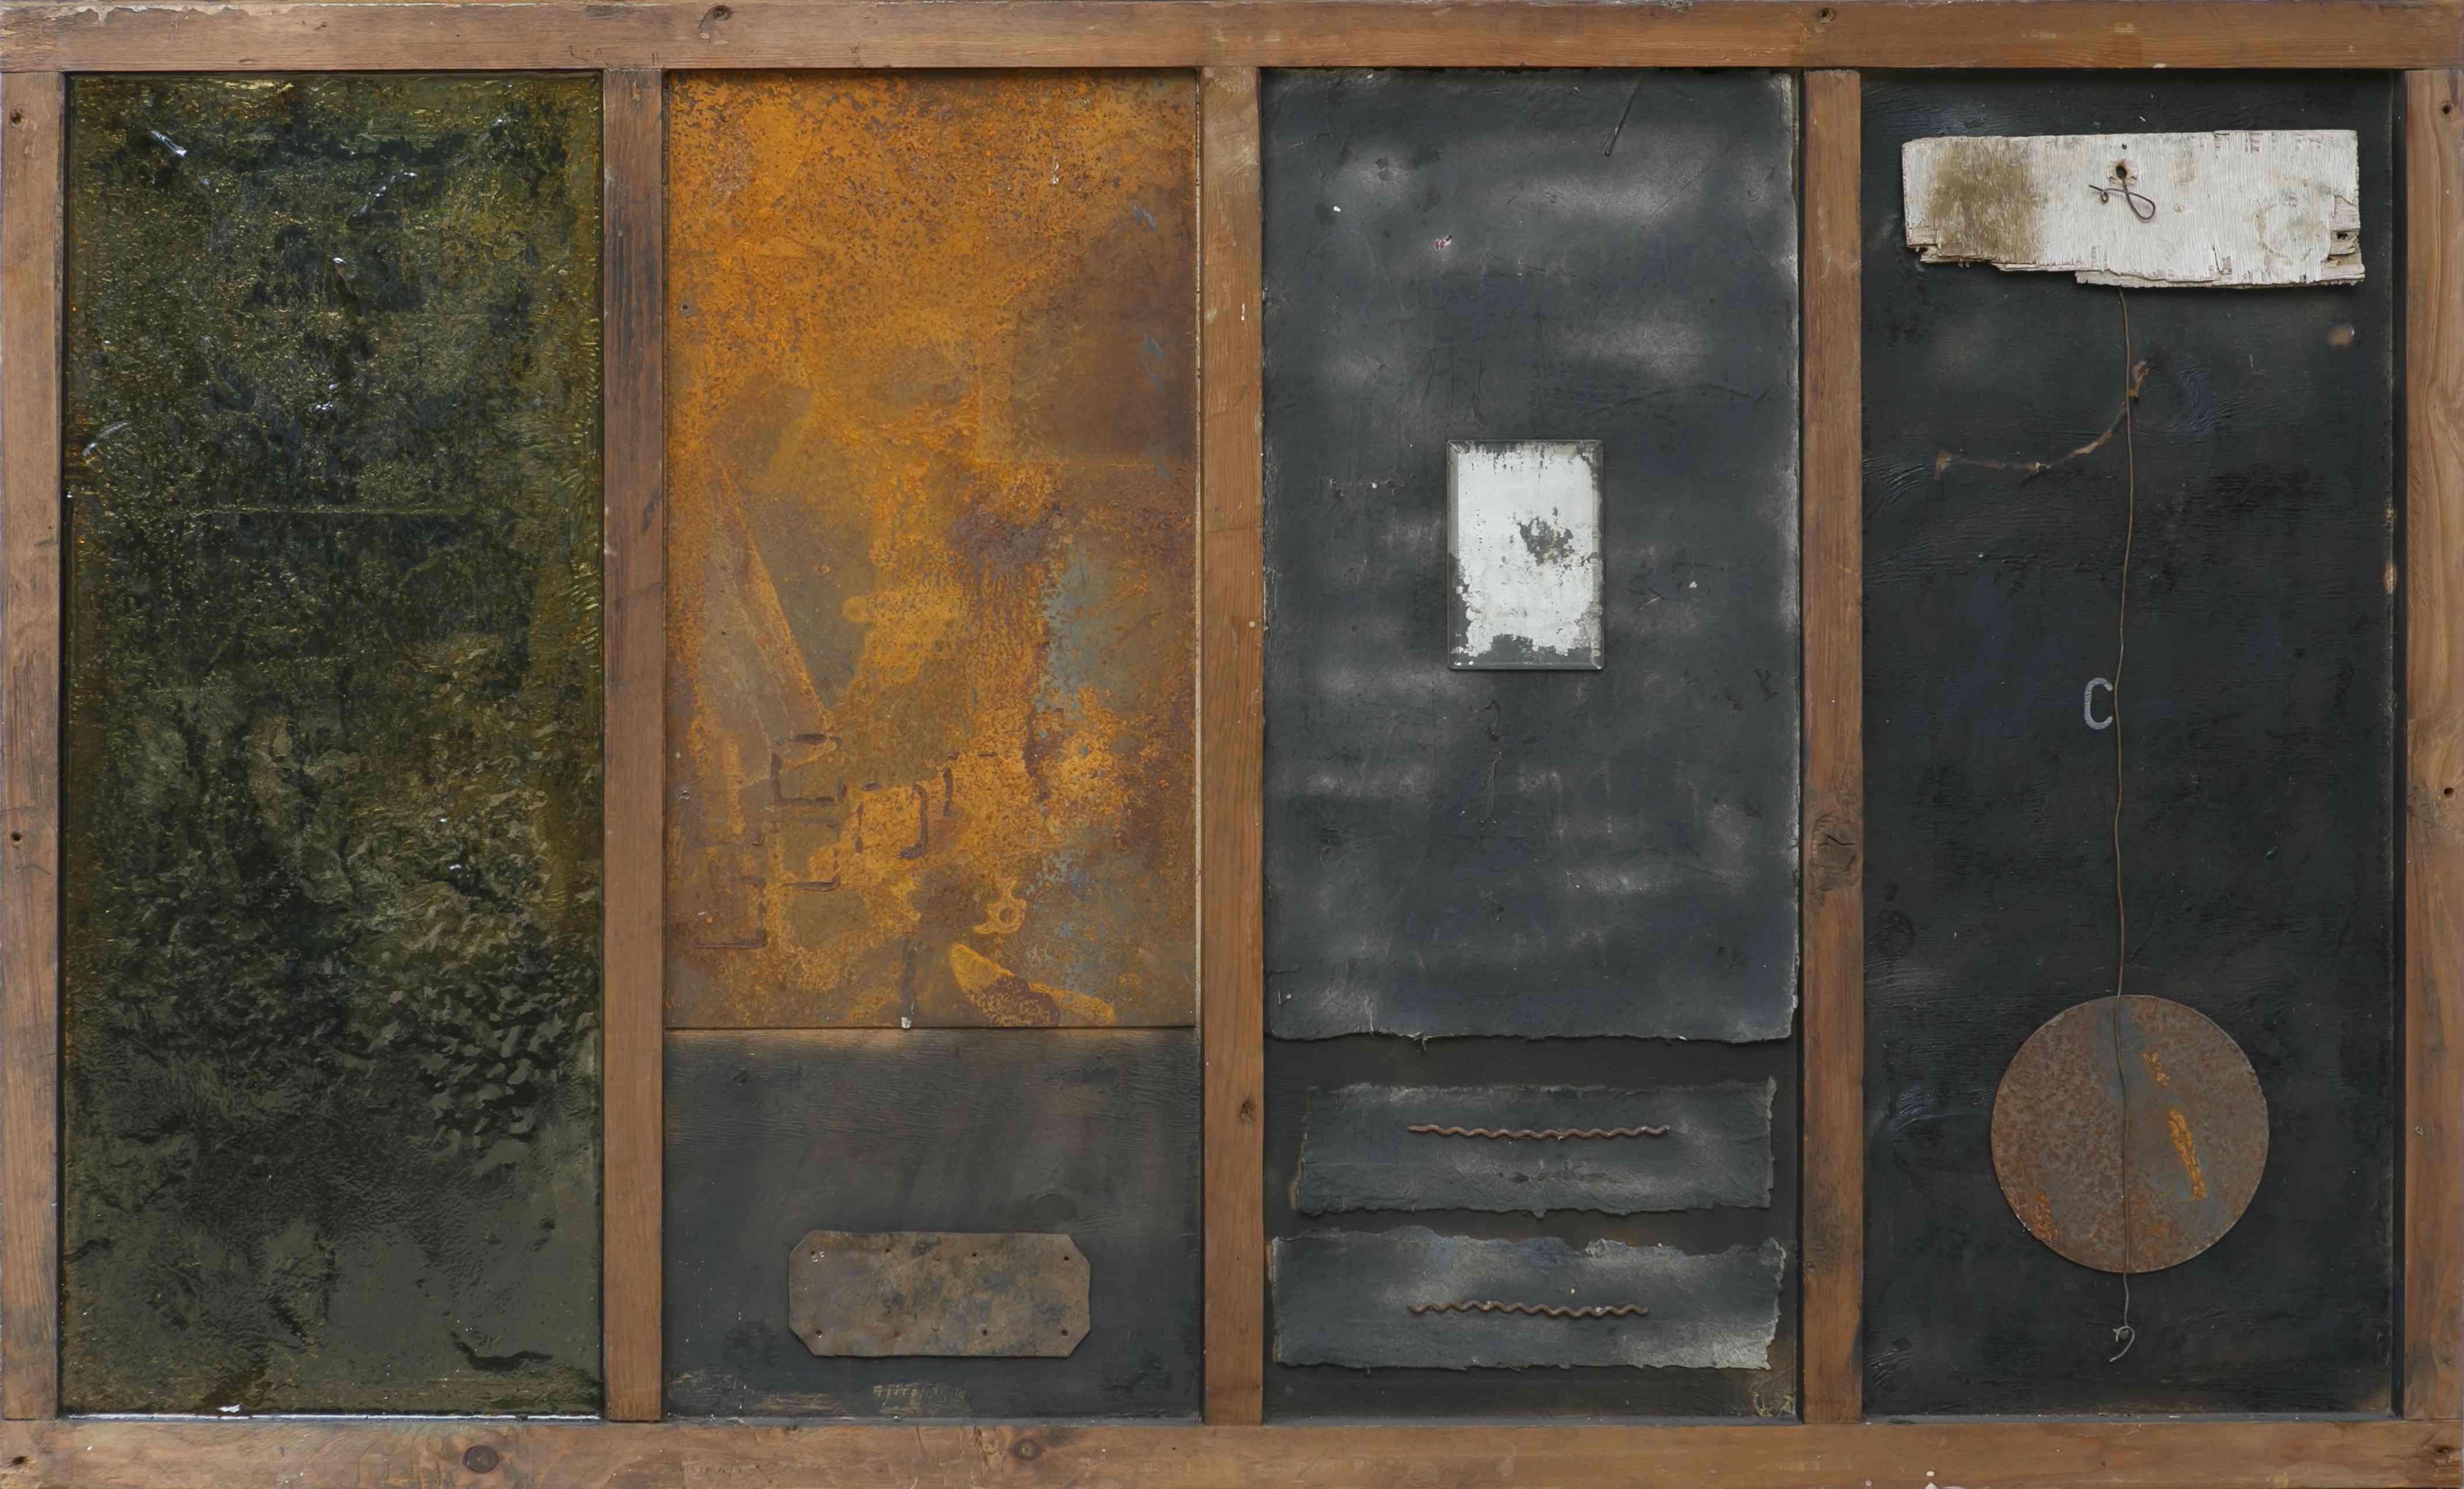 Itinerari della memoria 1, ferro corroso, legno, vetroresina su tavola, 140x85, 1999